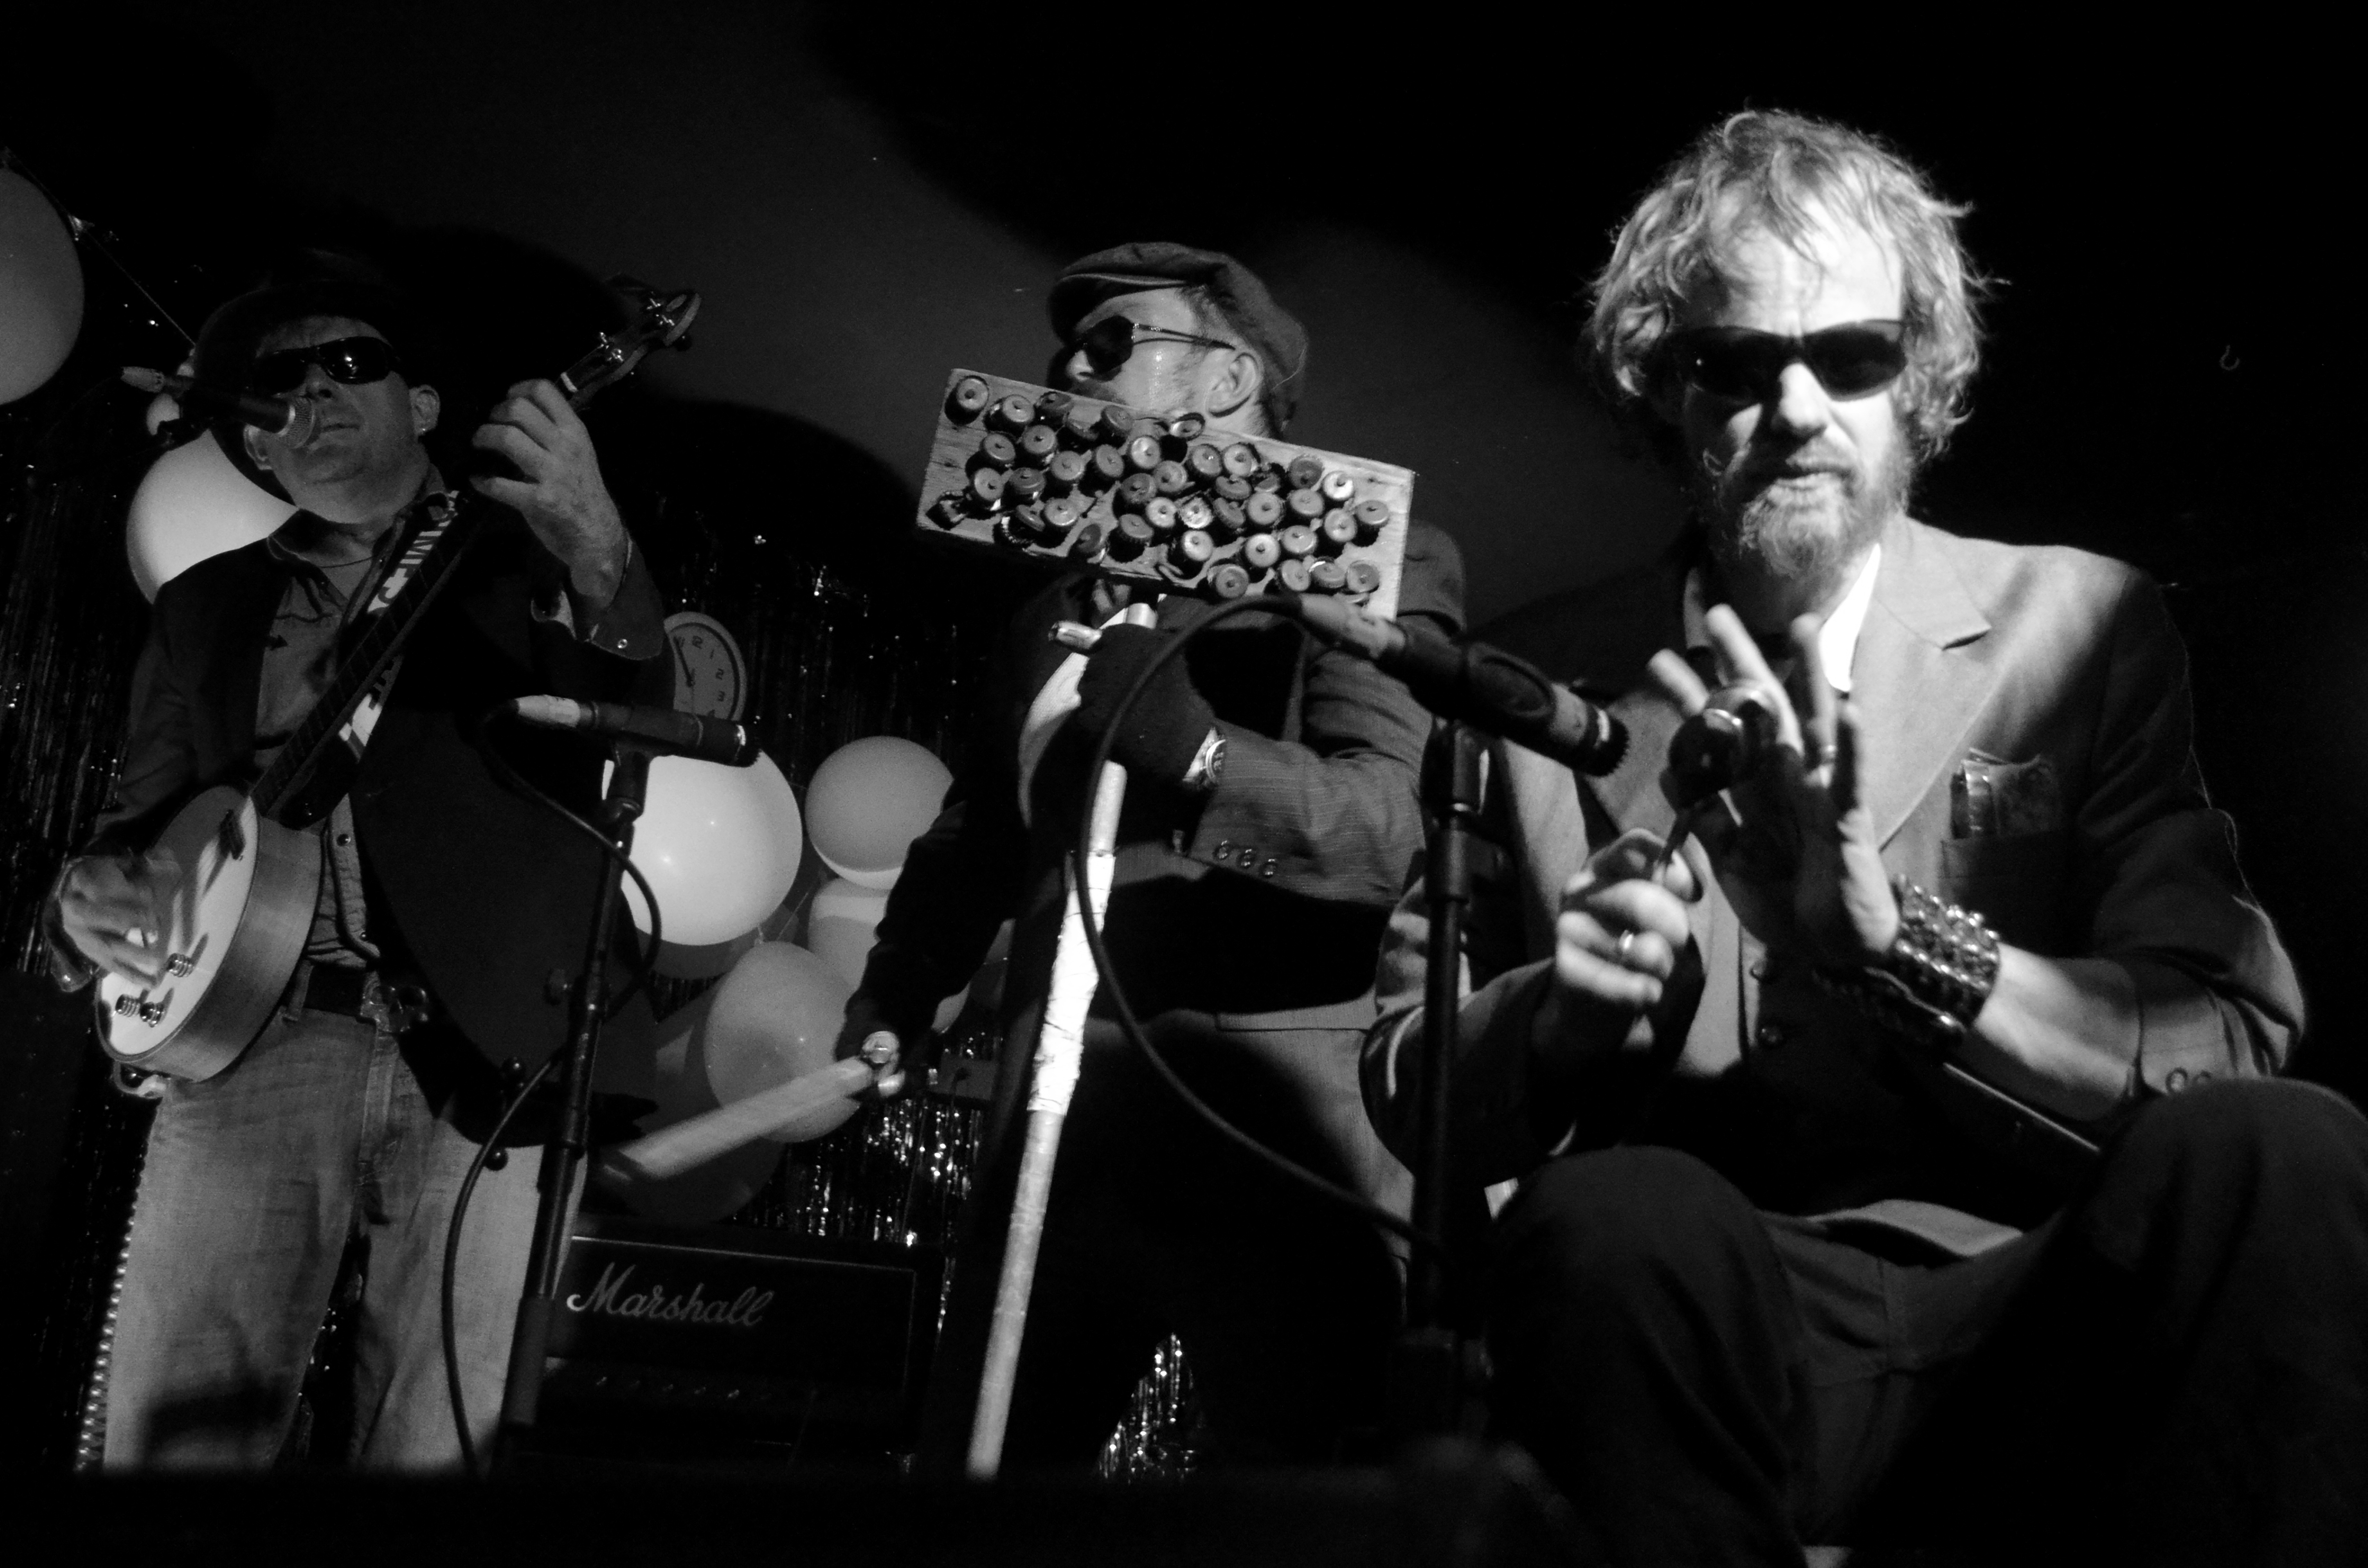 Colonel Viper's Whipstick Band